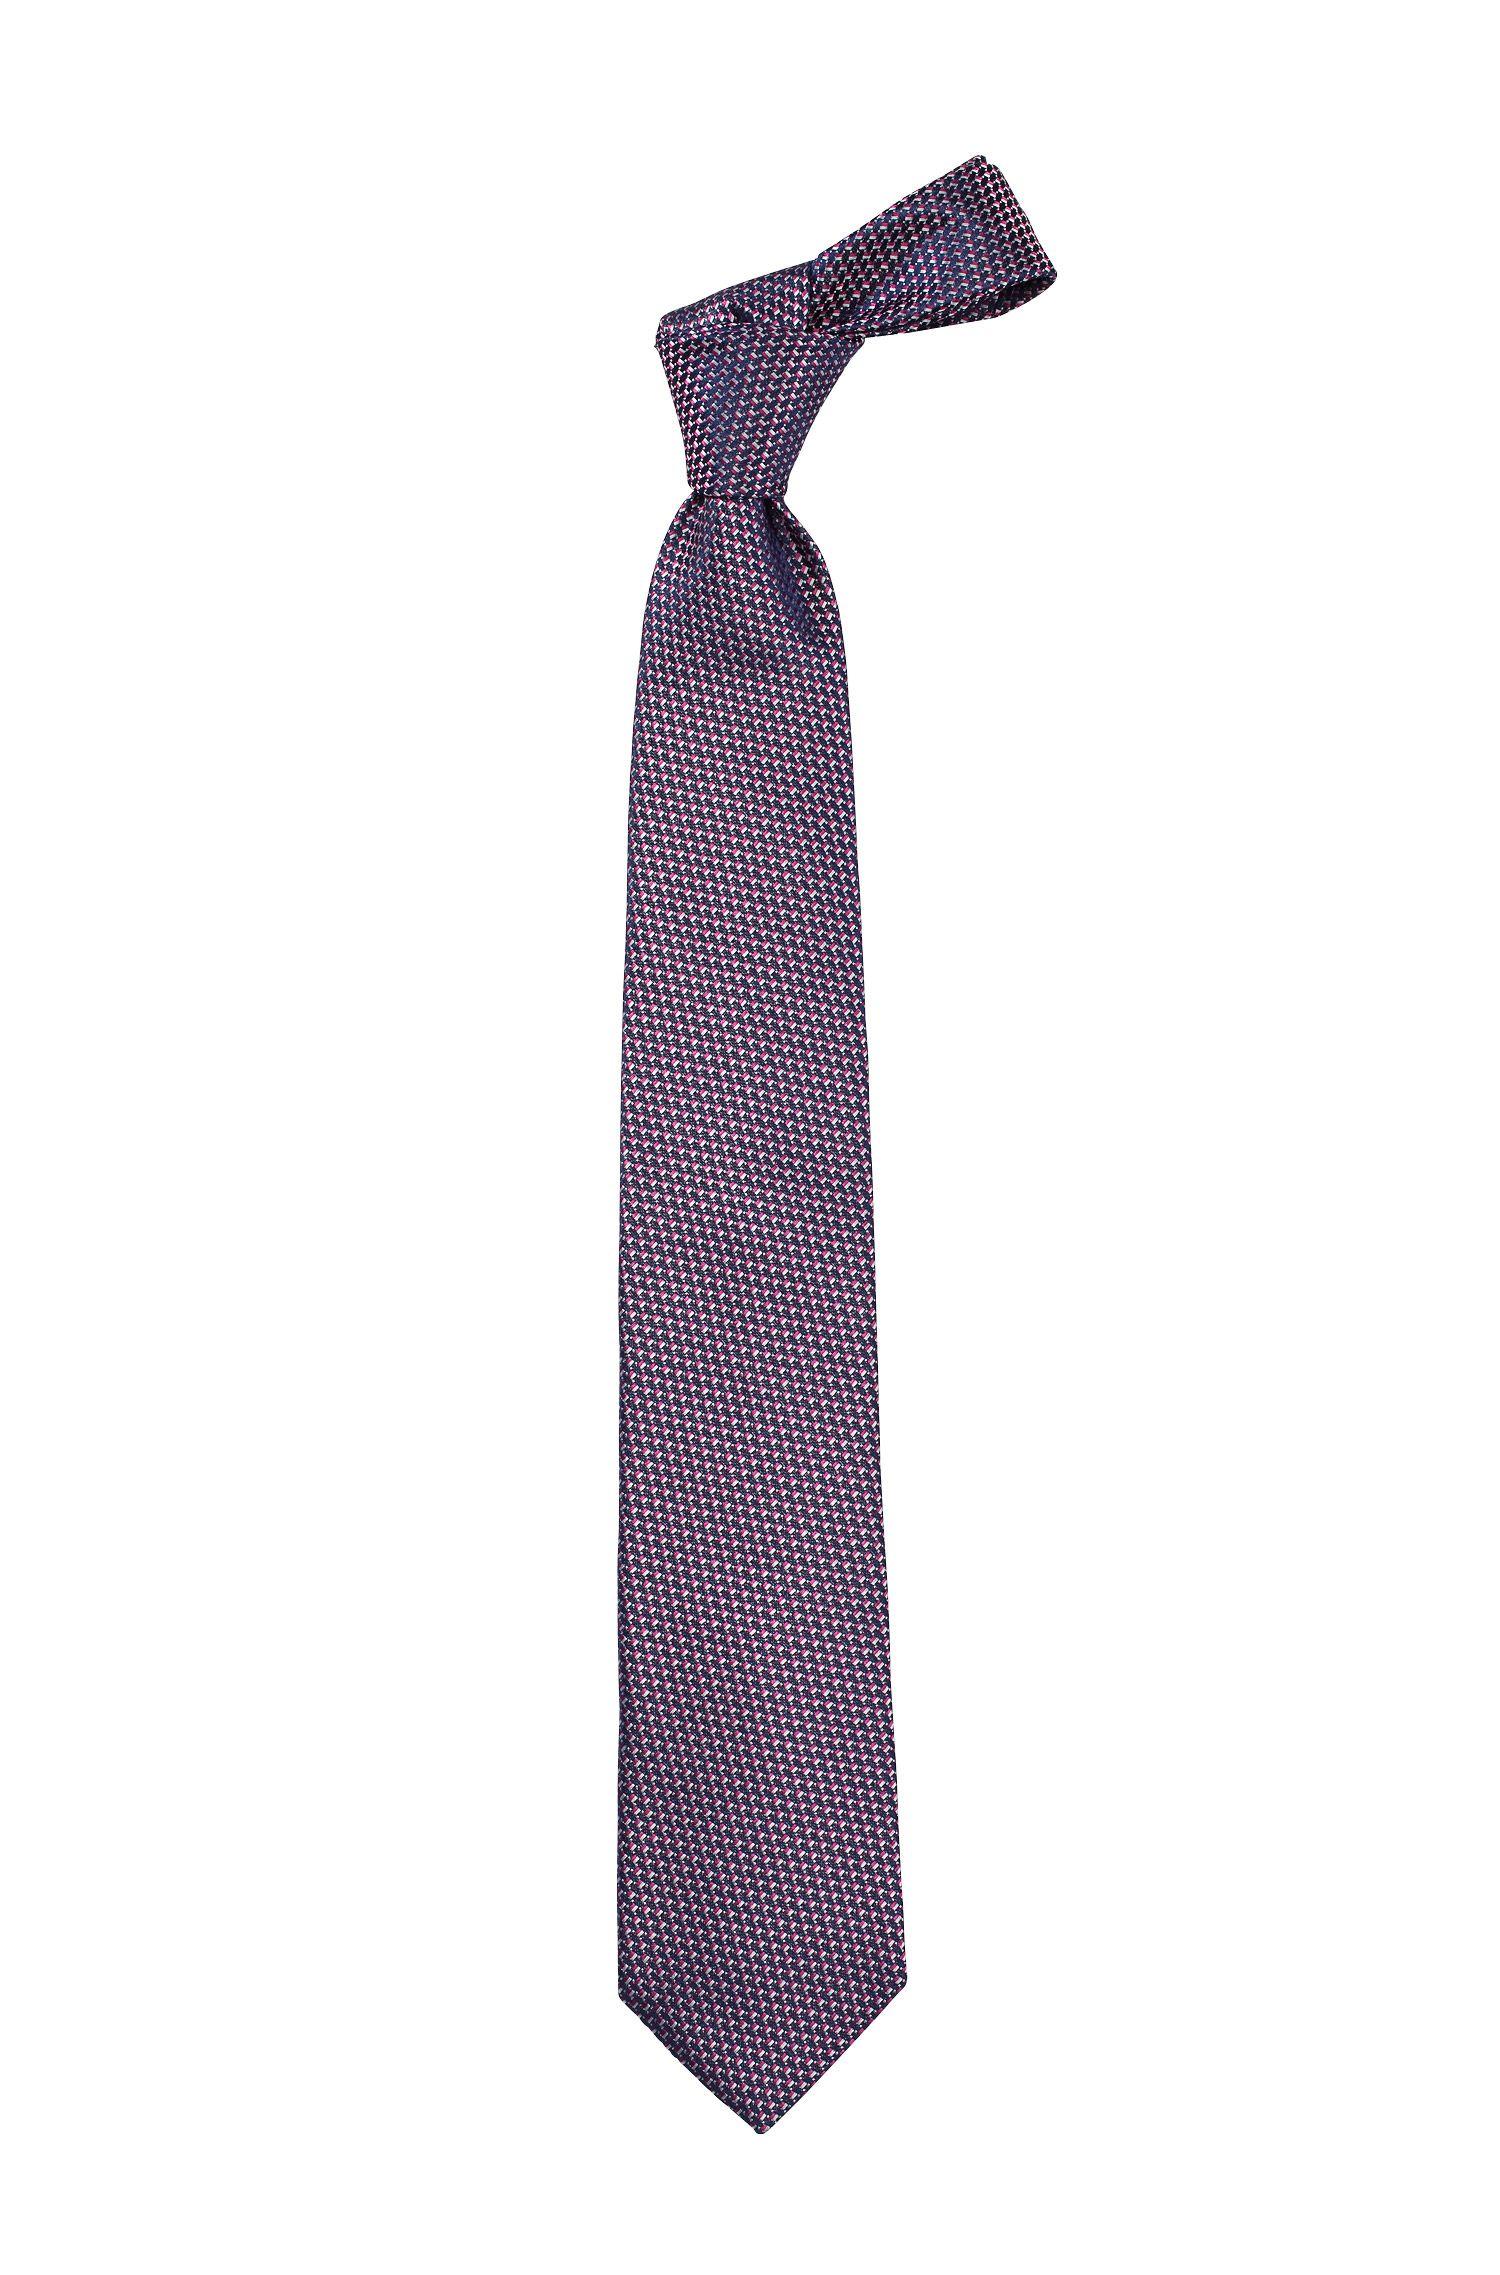 Seiden-Krawatte ´Tie 7,5 cm` mit Punkte-Dessin